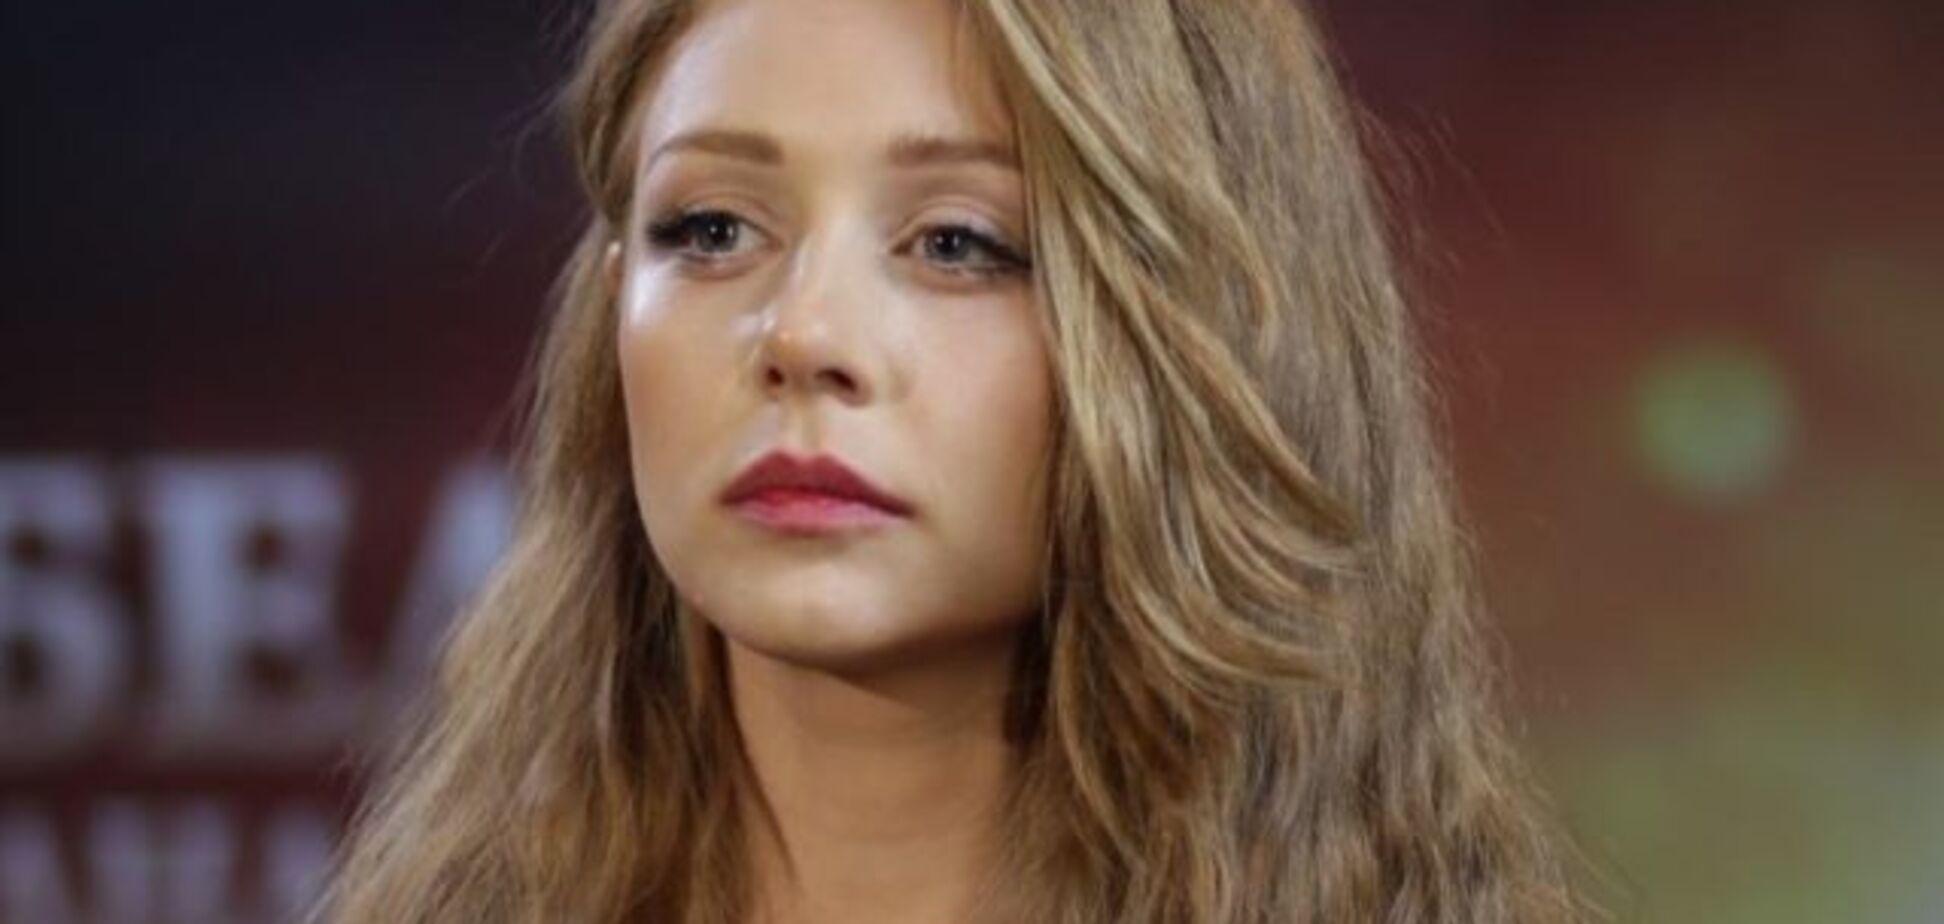 ''Глаза, полные боли'': Кароль встревожила поклонников грустным фото